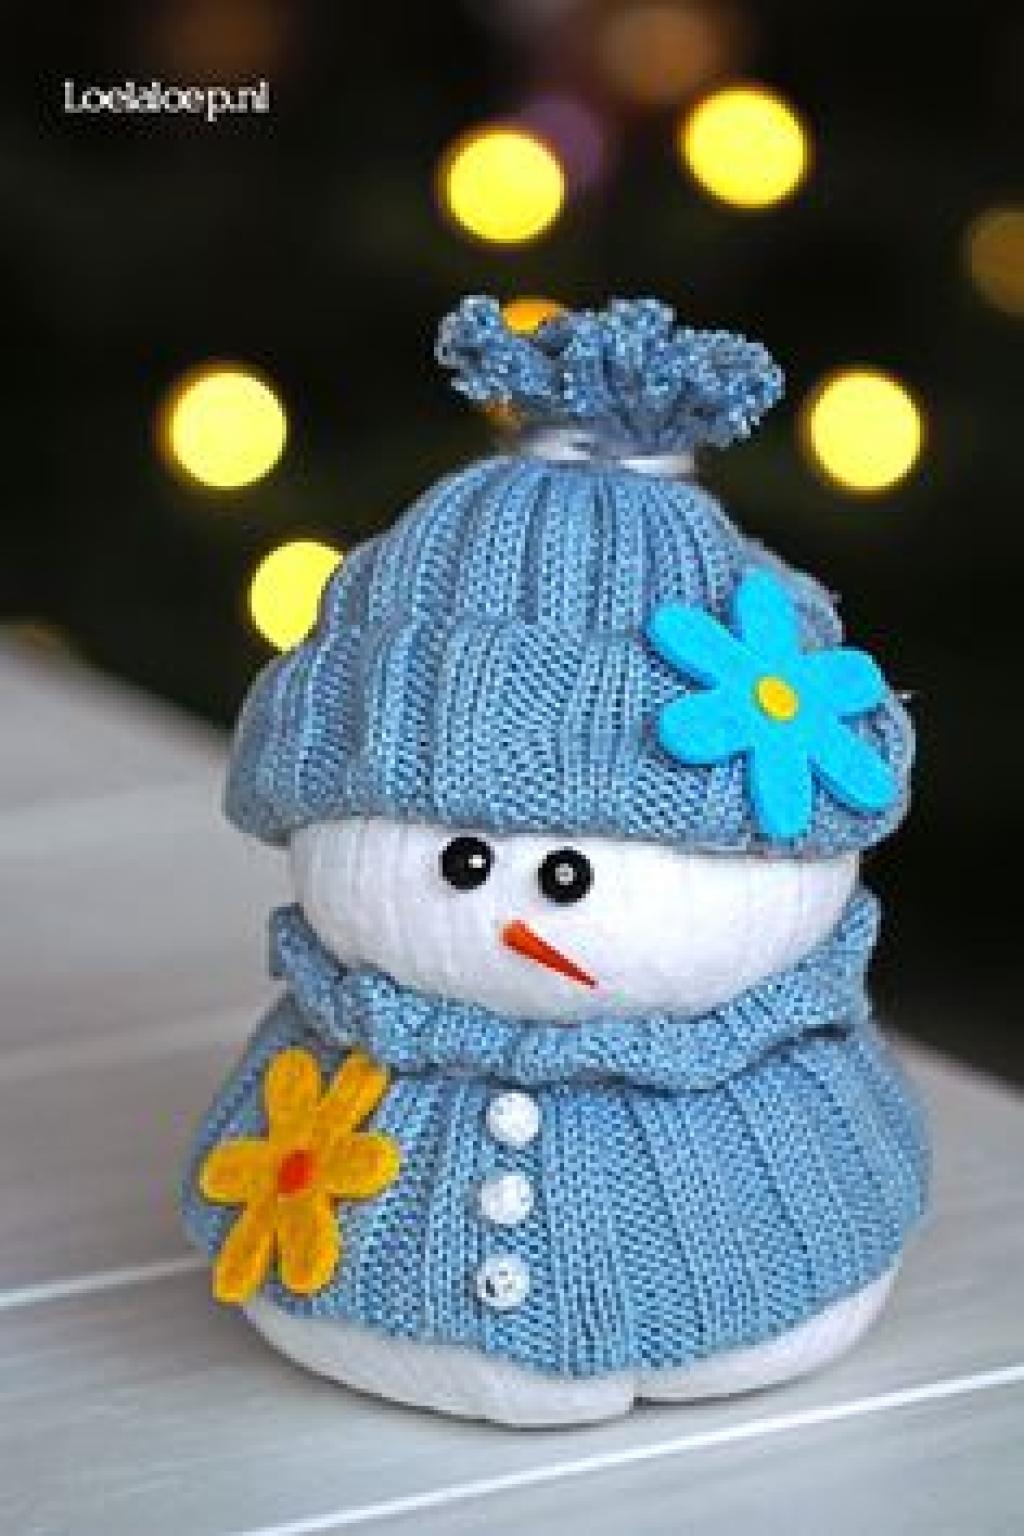 bonhommes de neige chaussettes. affordable vido ce quelle fait de